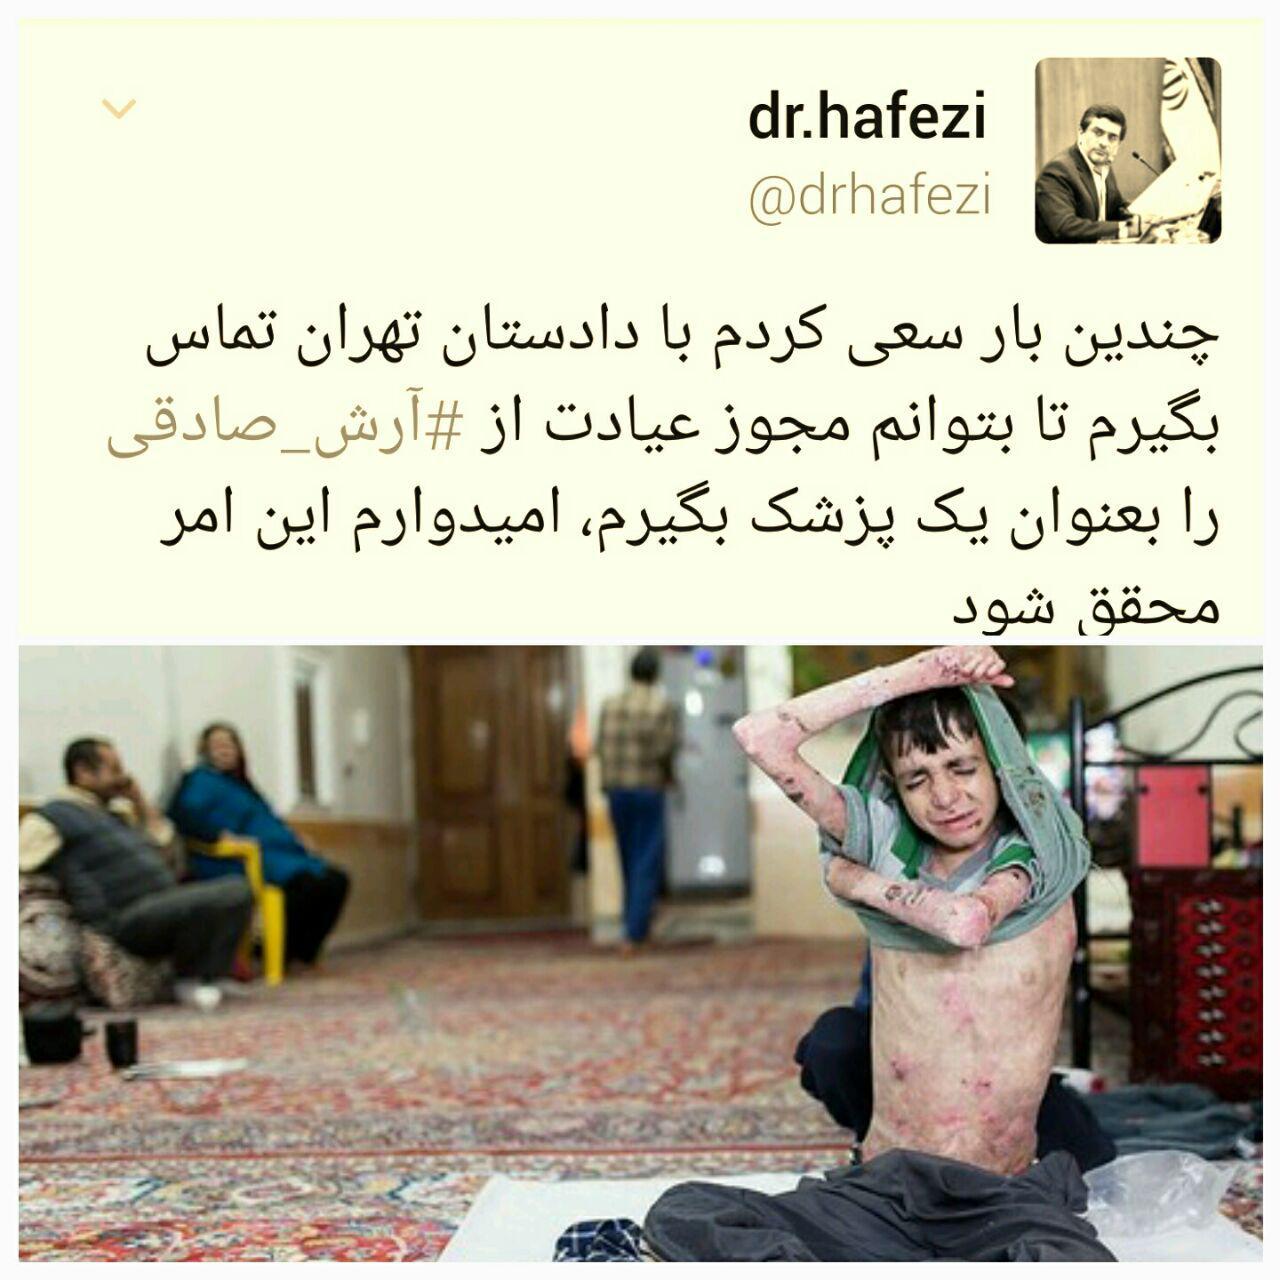 یک پیشنهاد عیادت برای عضو شورای شهر تهران